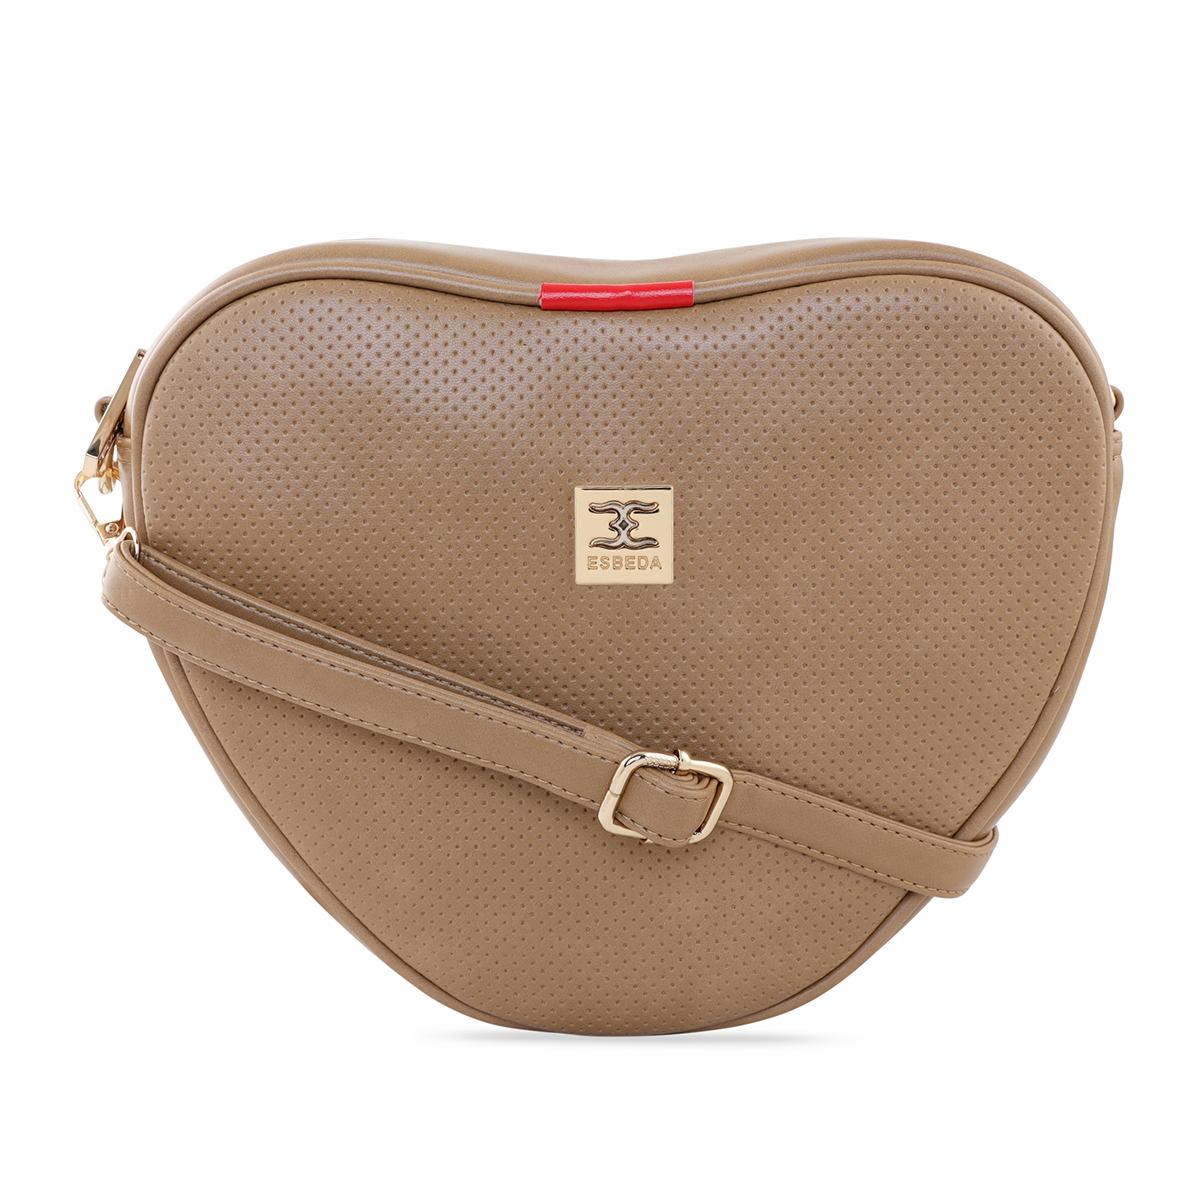 ESBEDA | ESBEDA Beige Color Heart Shape Sling Bag For Women